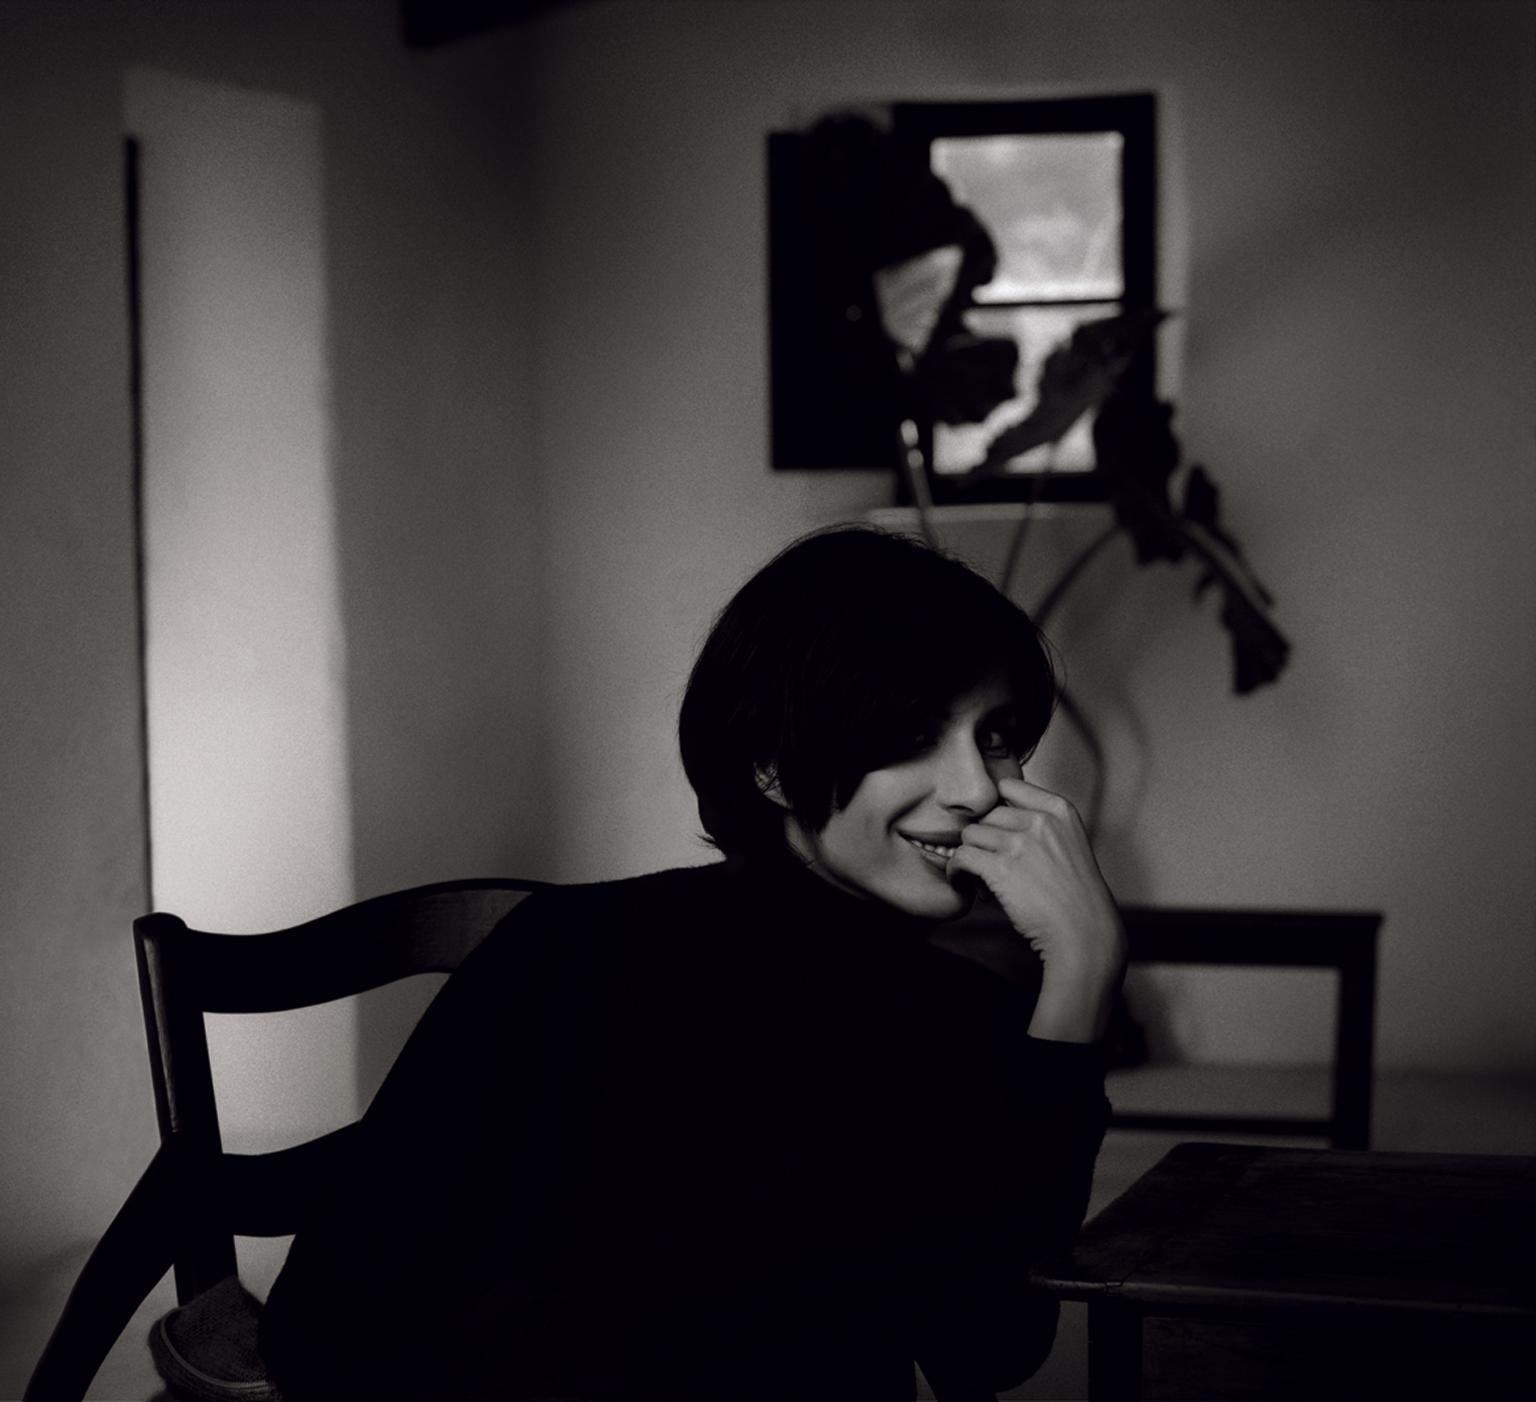 Retrato realizado en la casa de Palma deMallorca de la diseñadora, para la exposición 20 años no es nada... y feliz la mirada, en febrero de 2004. Rafa Gallar.